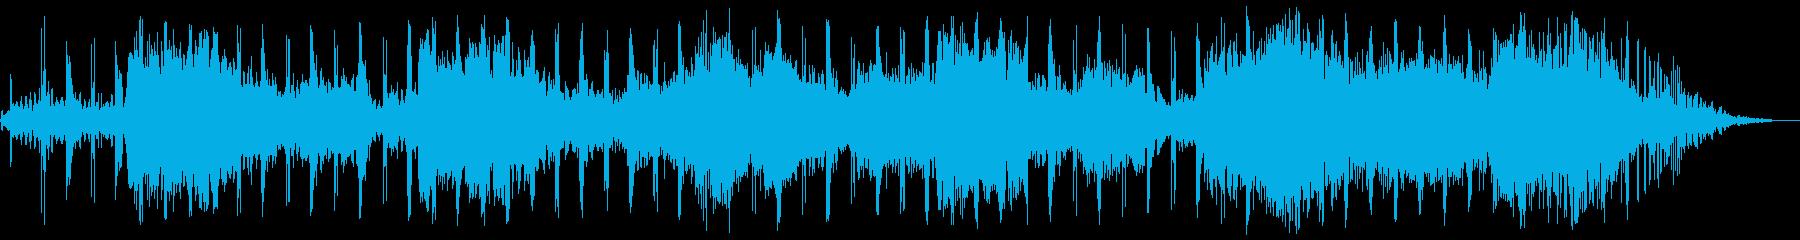 【ホラー】 BGM 46 不都合な真実の再生済みの波形